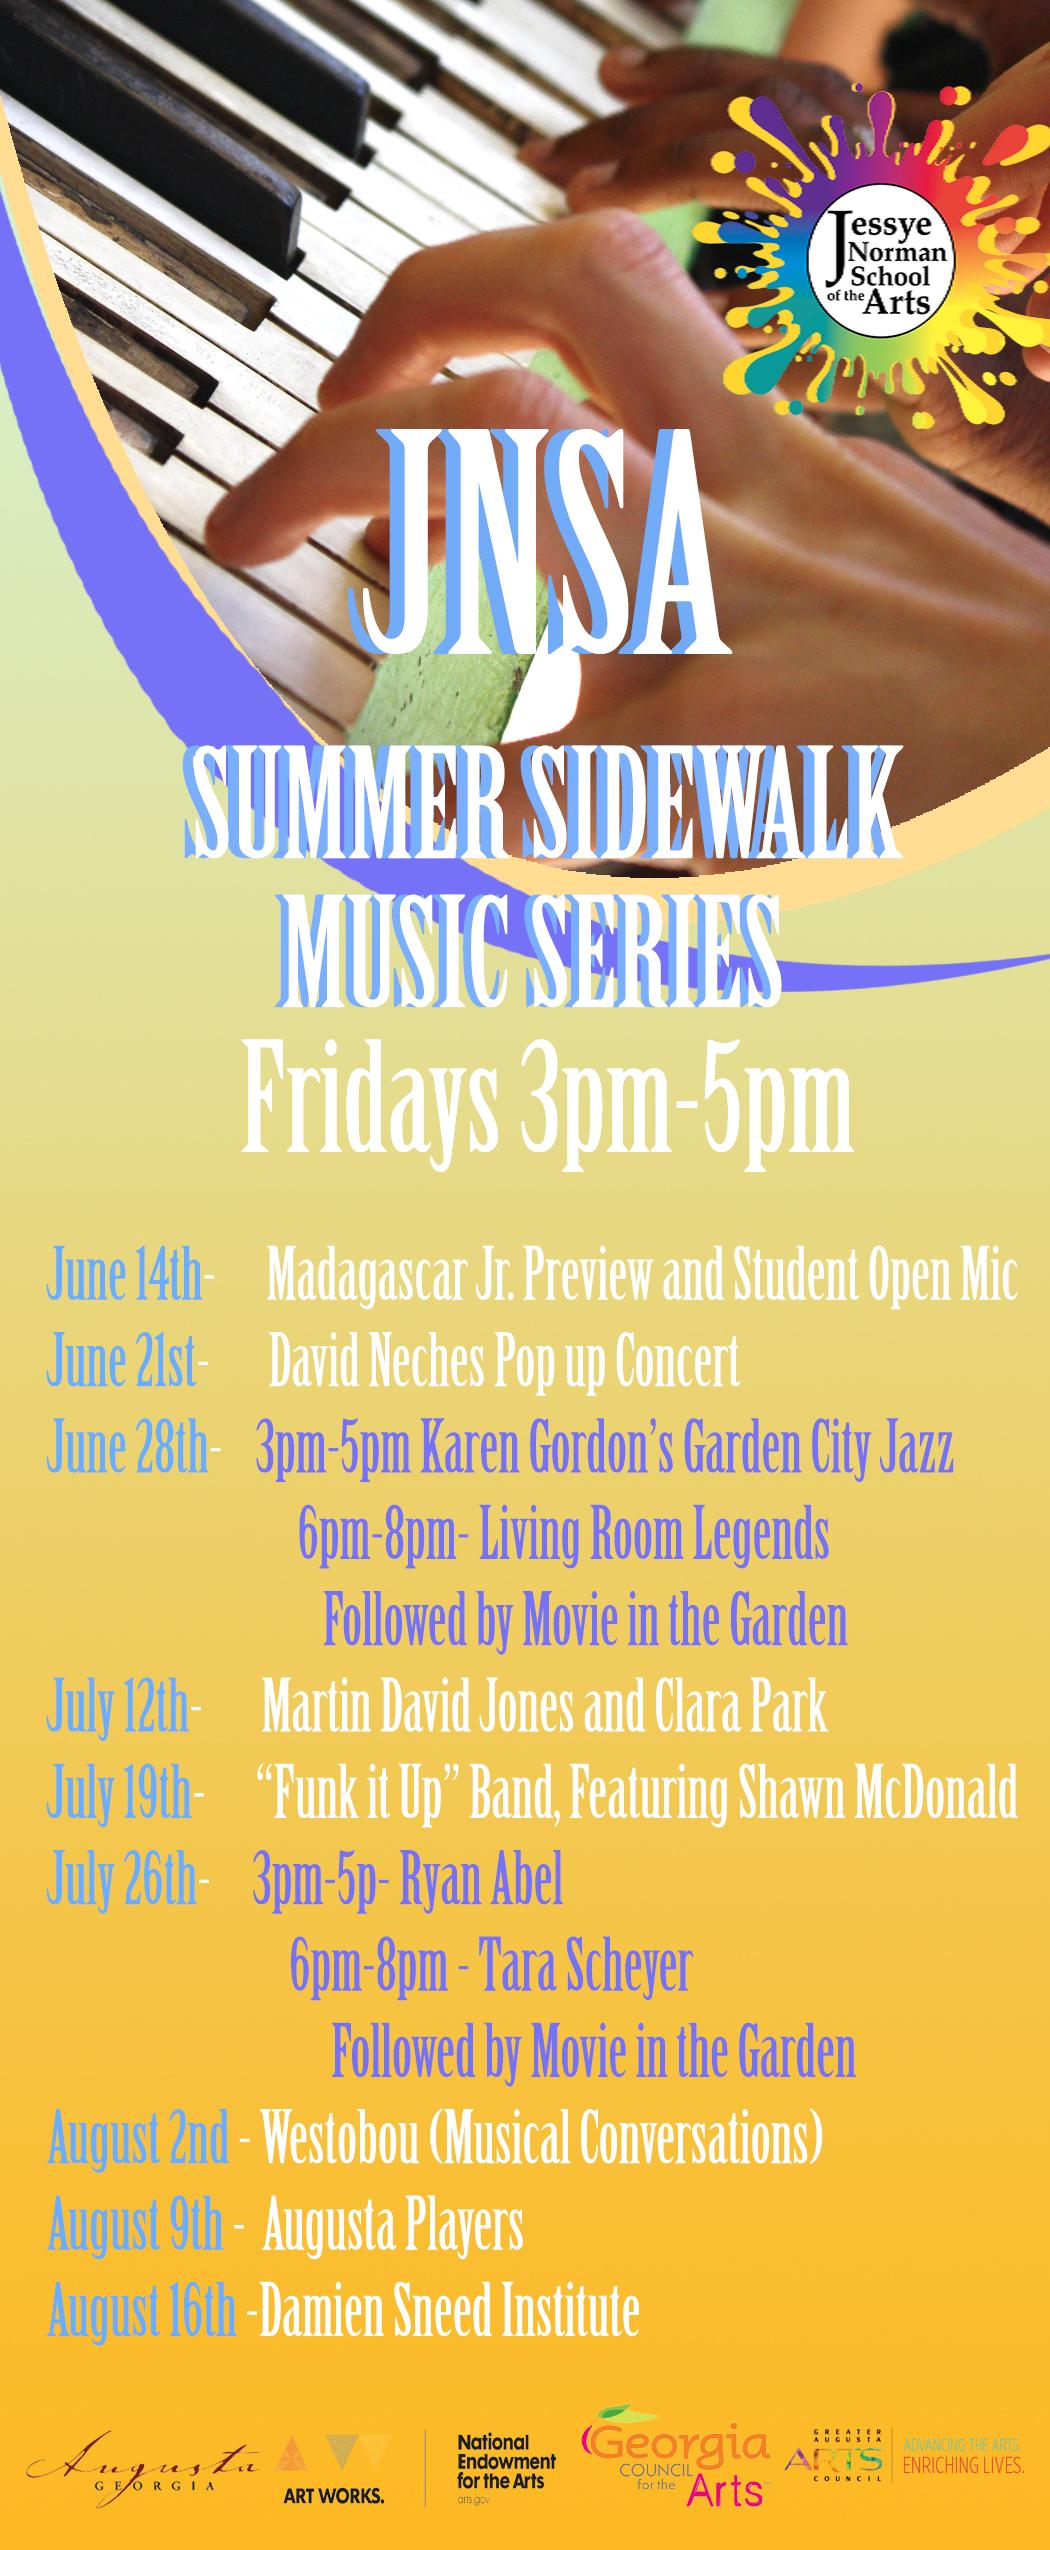 Summersidewalkrackcard.jpg